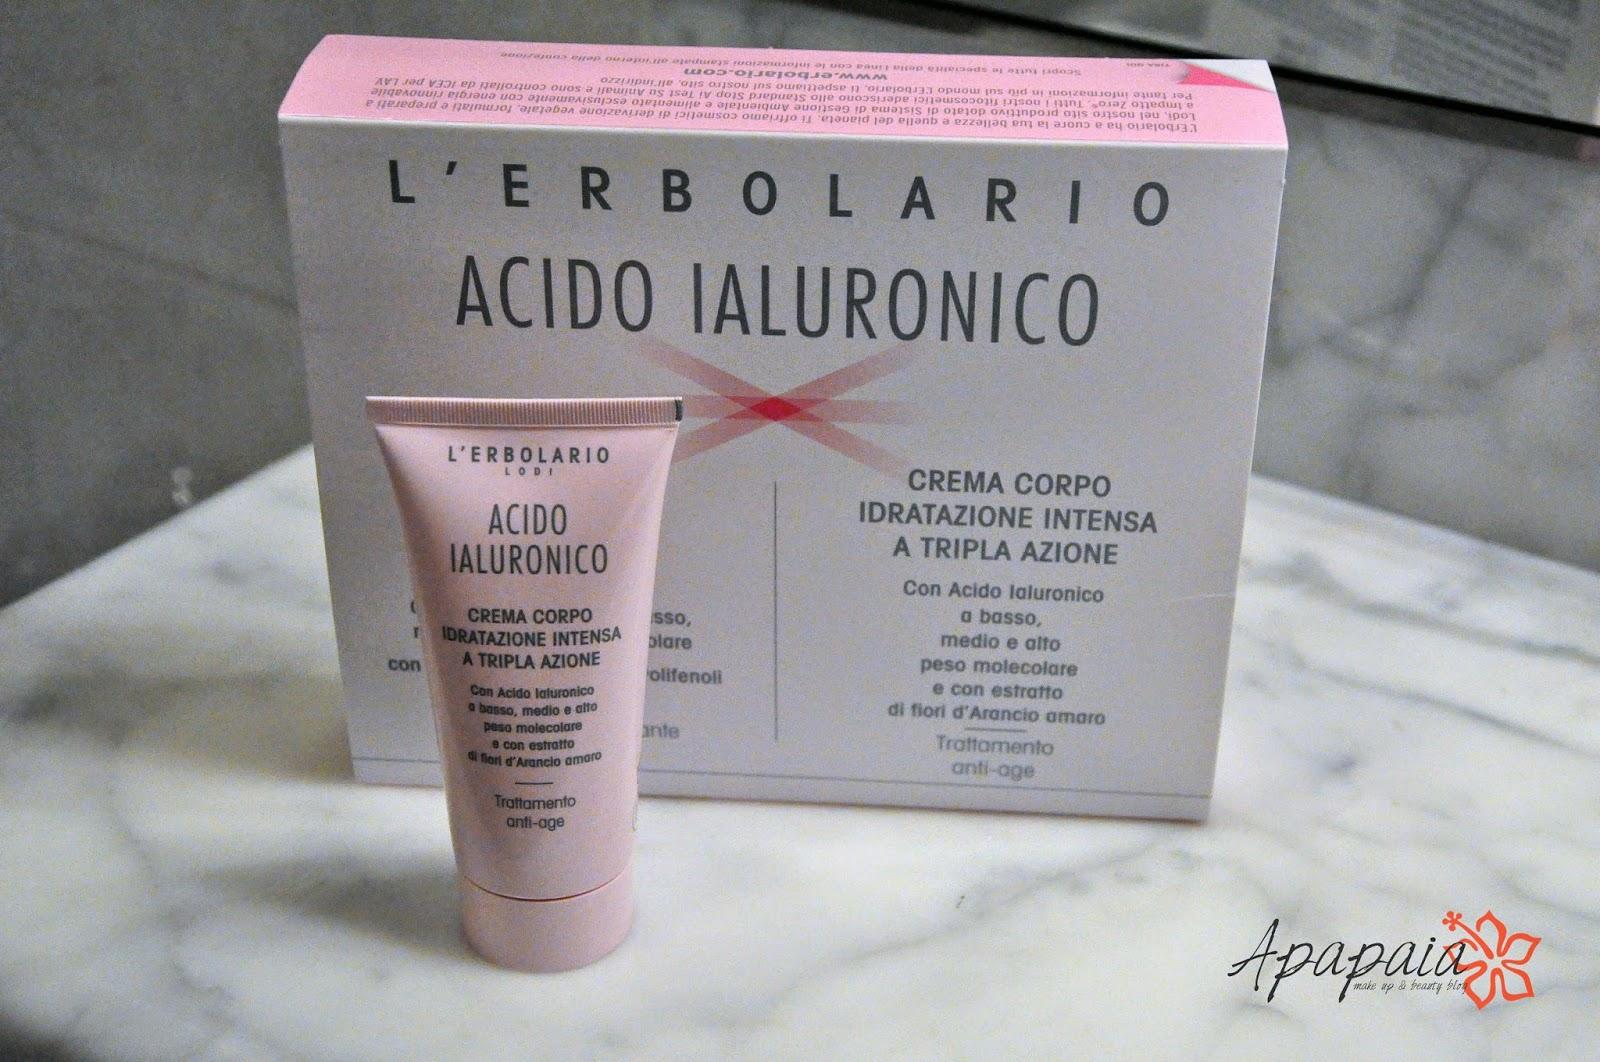 acido ialuronico crema corpo erbolario